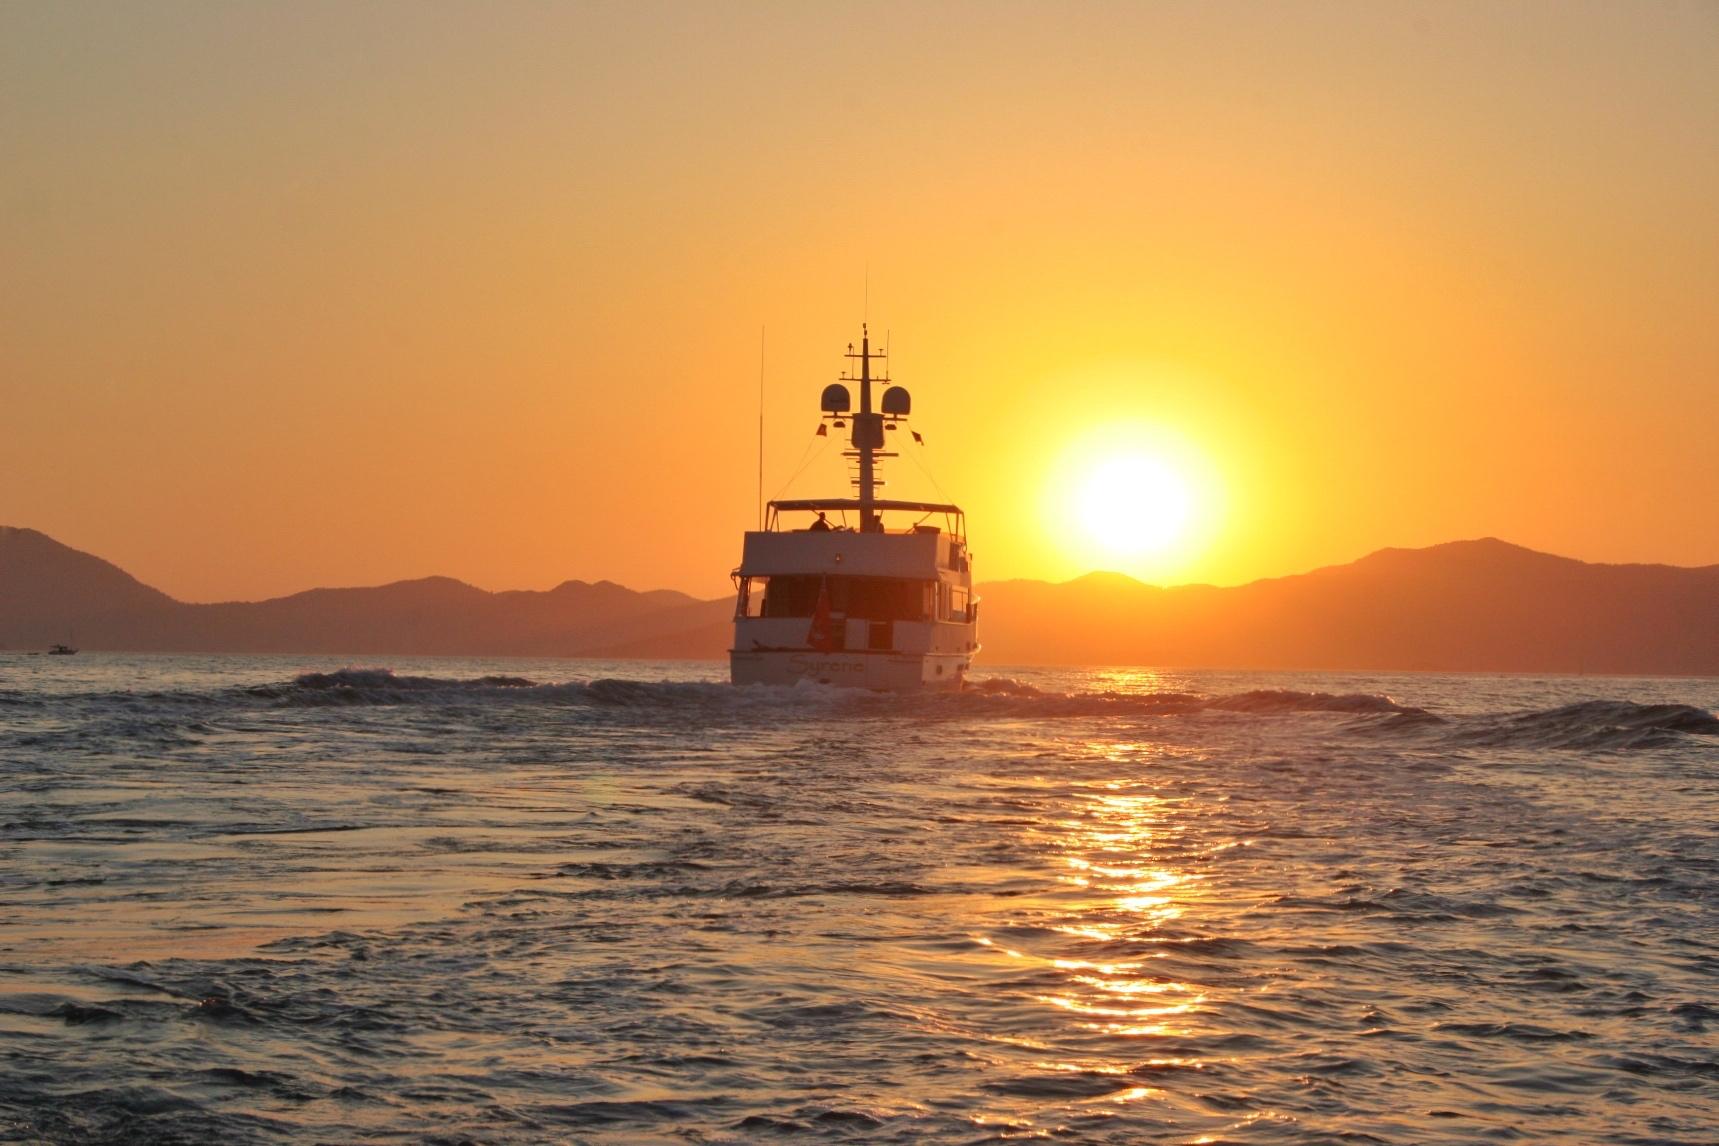 Immer wieder ein Erlebnis ist die Fahrt in den Sonnenuntergang